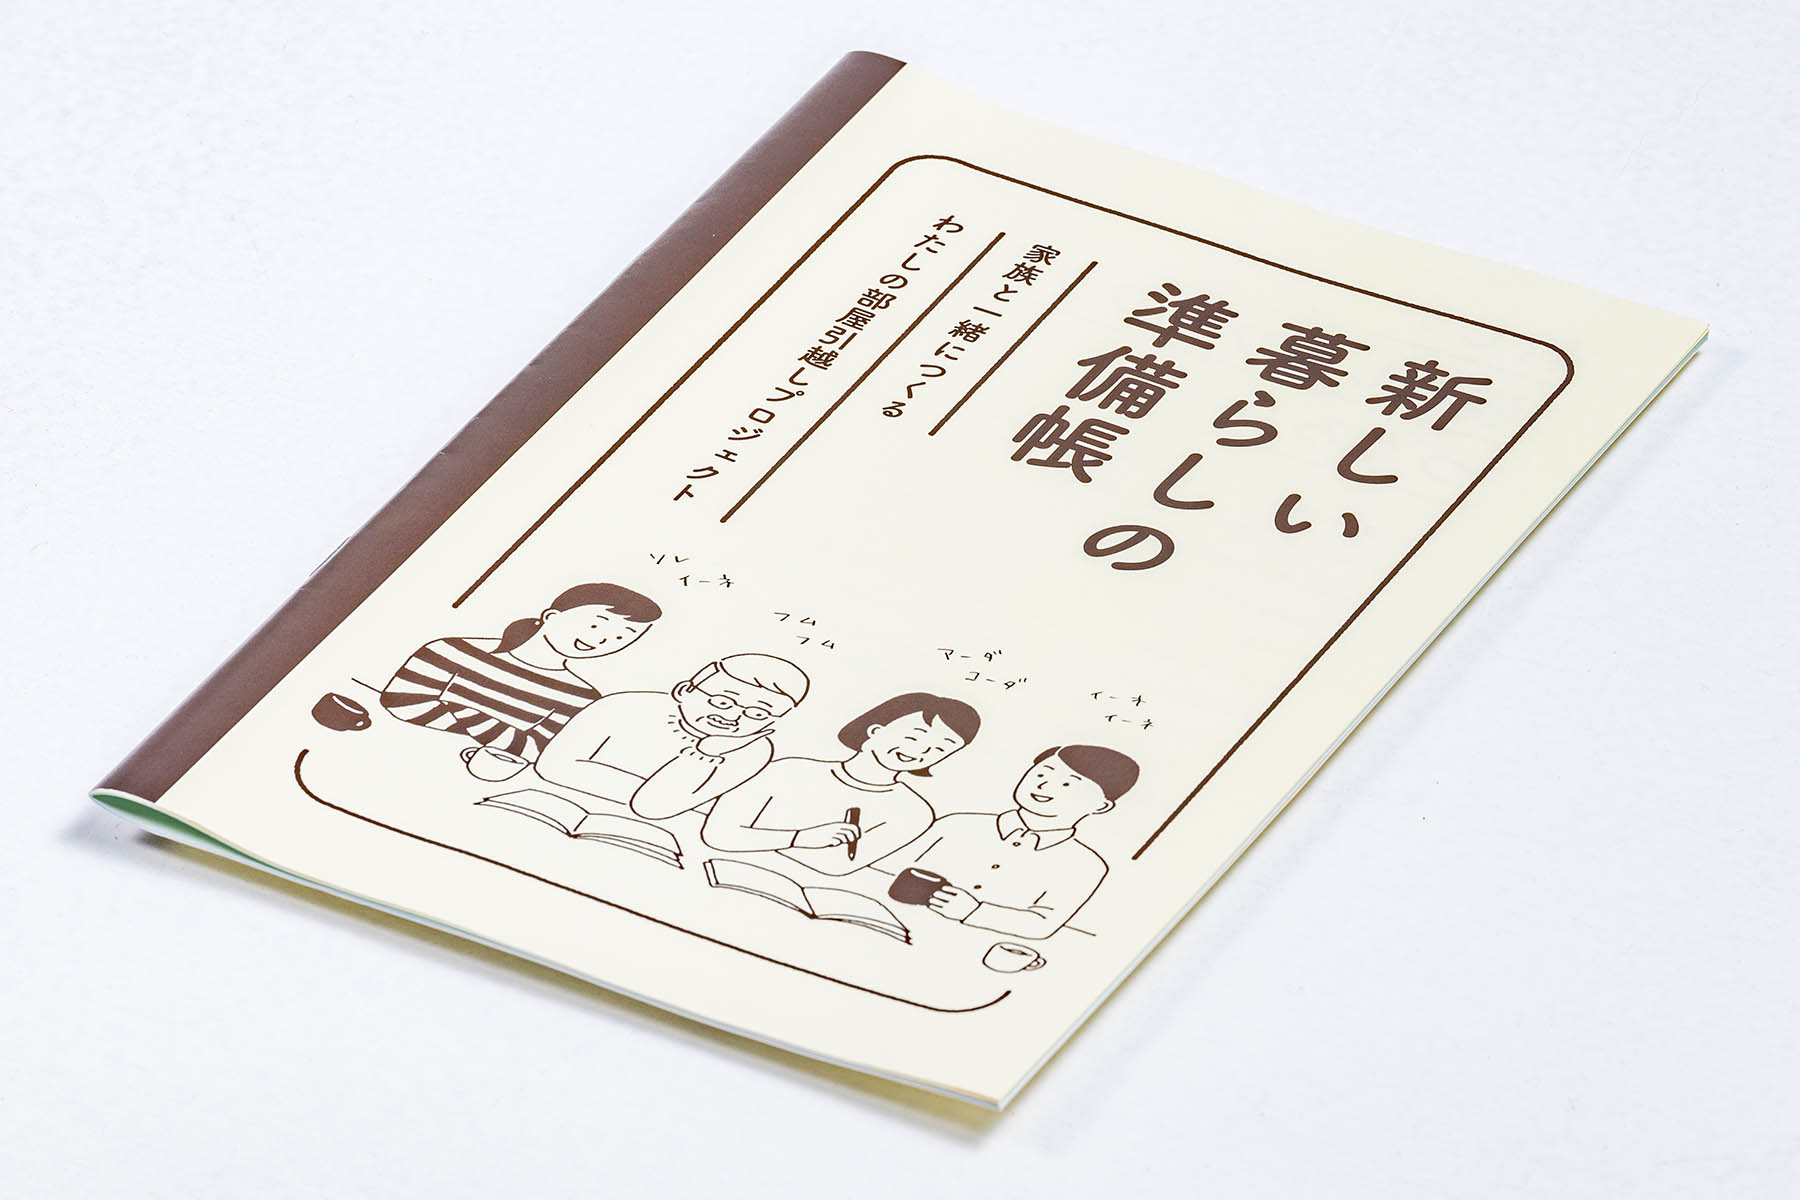 新しい暮らしの準備帳